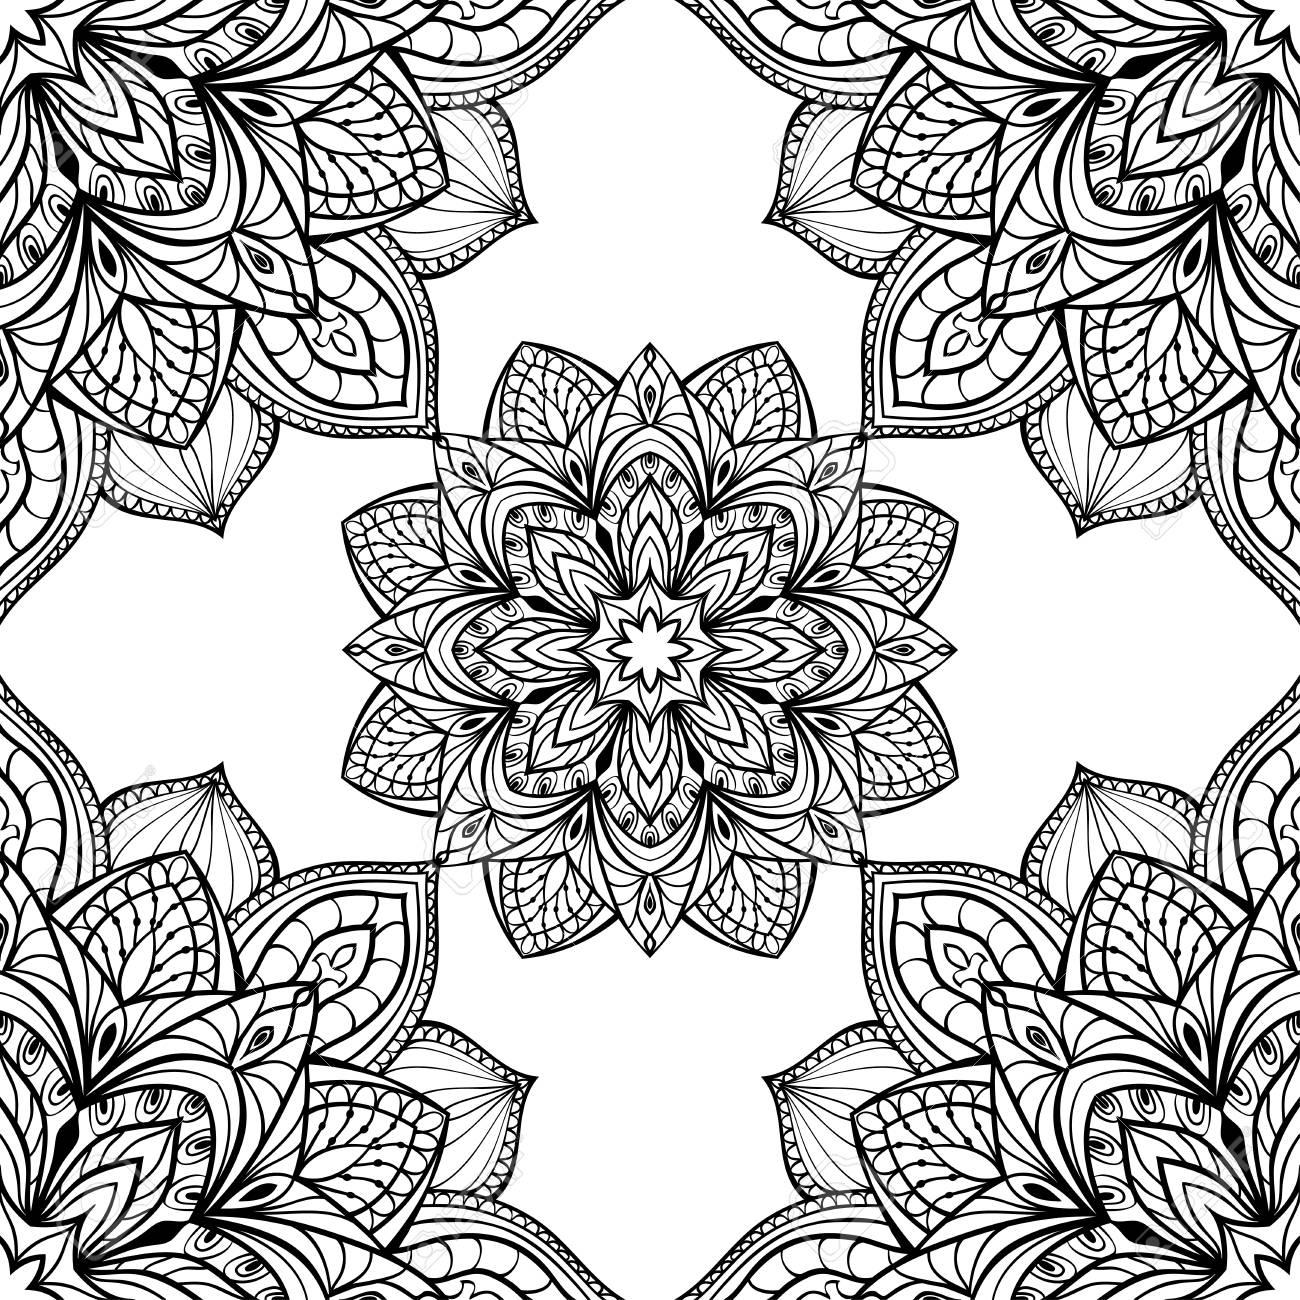 nahtlos, osten, grafische muster von mandalas auf einem weißen